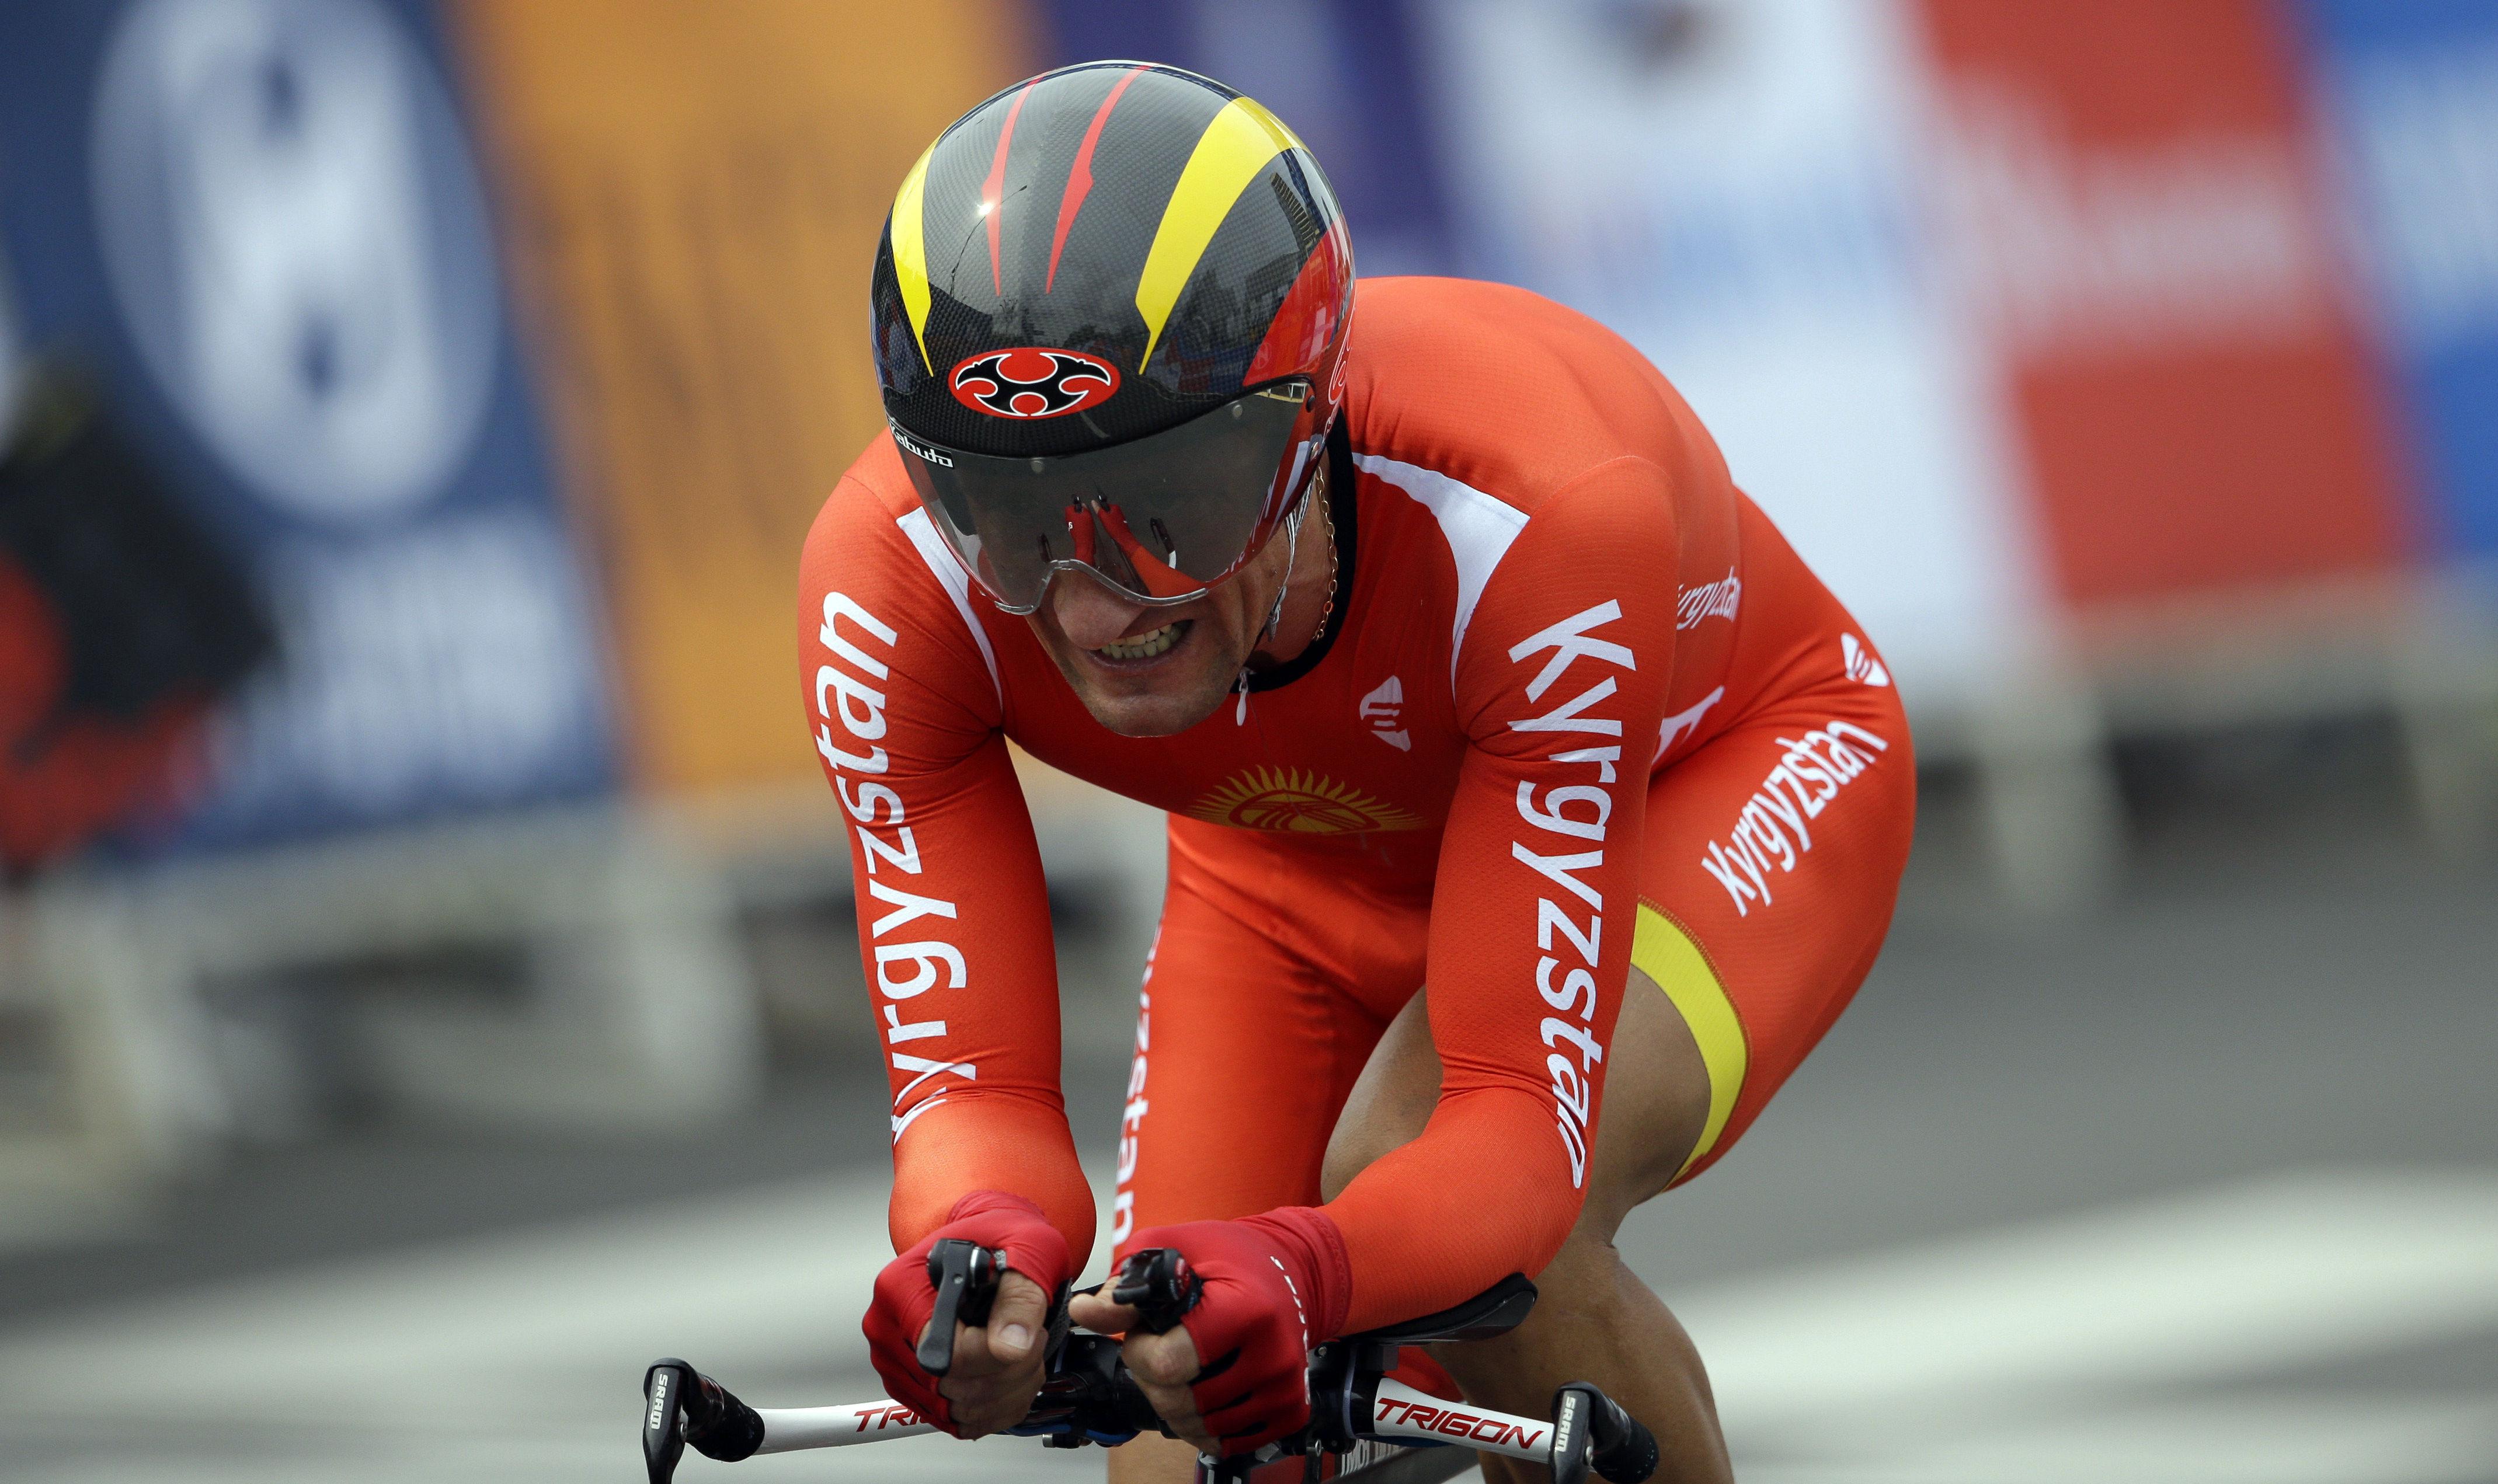 Серебряный призер Кыргызстана Евгений Ваккер конкурирует в мужской езде на велосипеде на 17 Азиатских играх в Инчхоне, Южная Корея. 27 сентября 2014 года